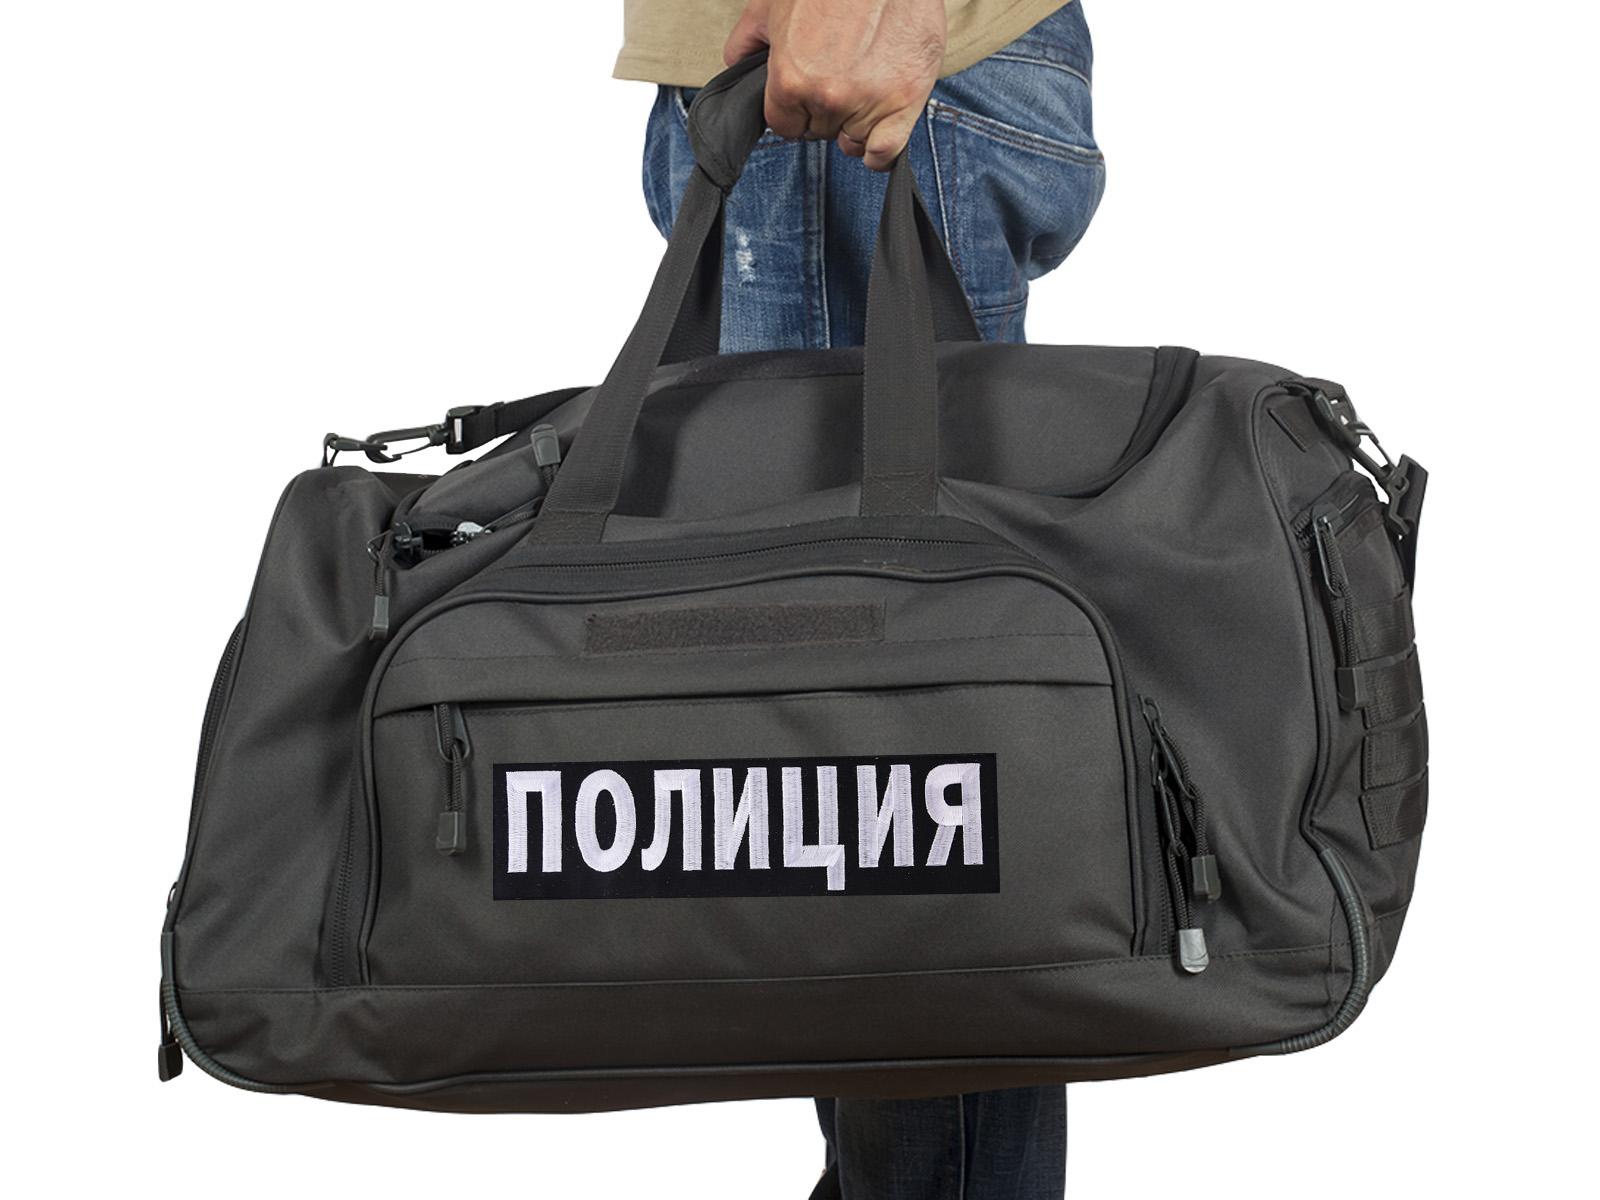 Купить темно-серую дорожную сумку 08032B Полиция с доставкой в ваш город